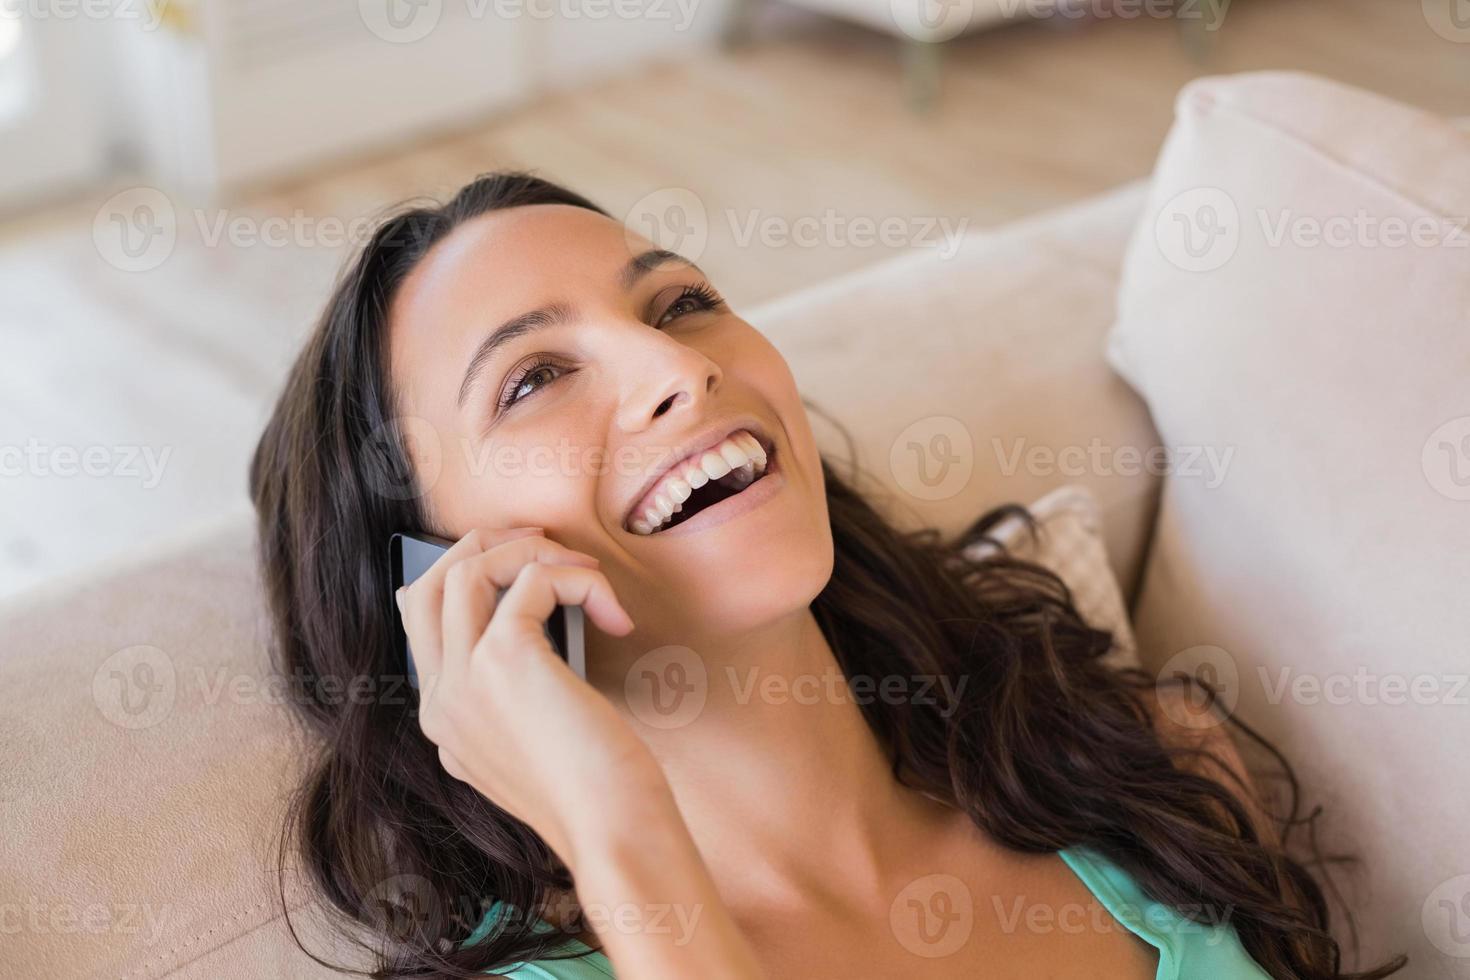 linda morena chamando com seu telefone celular foto